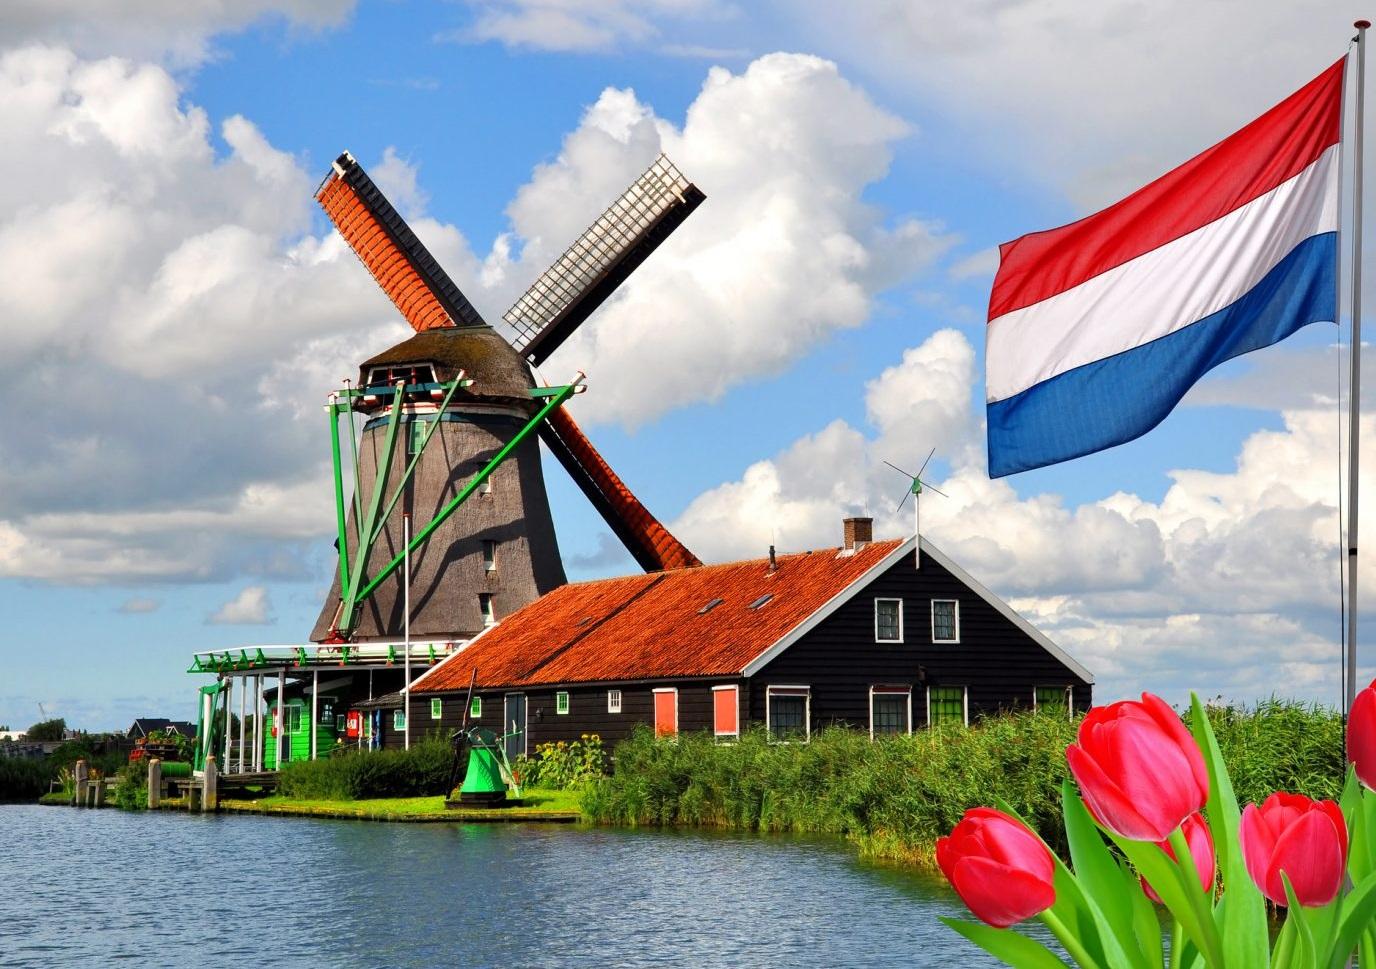 Сколько стоит виза в Амстердам